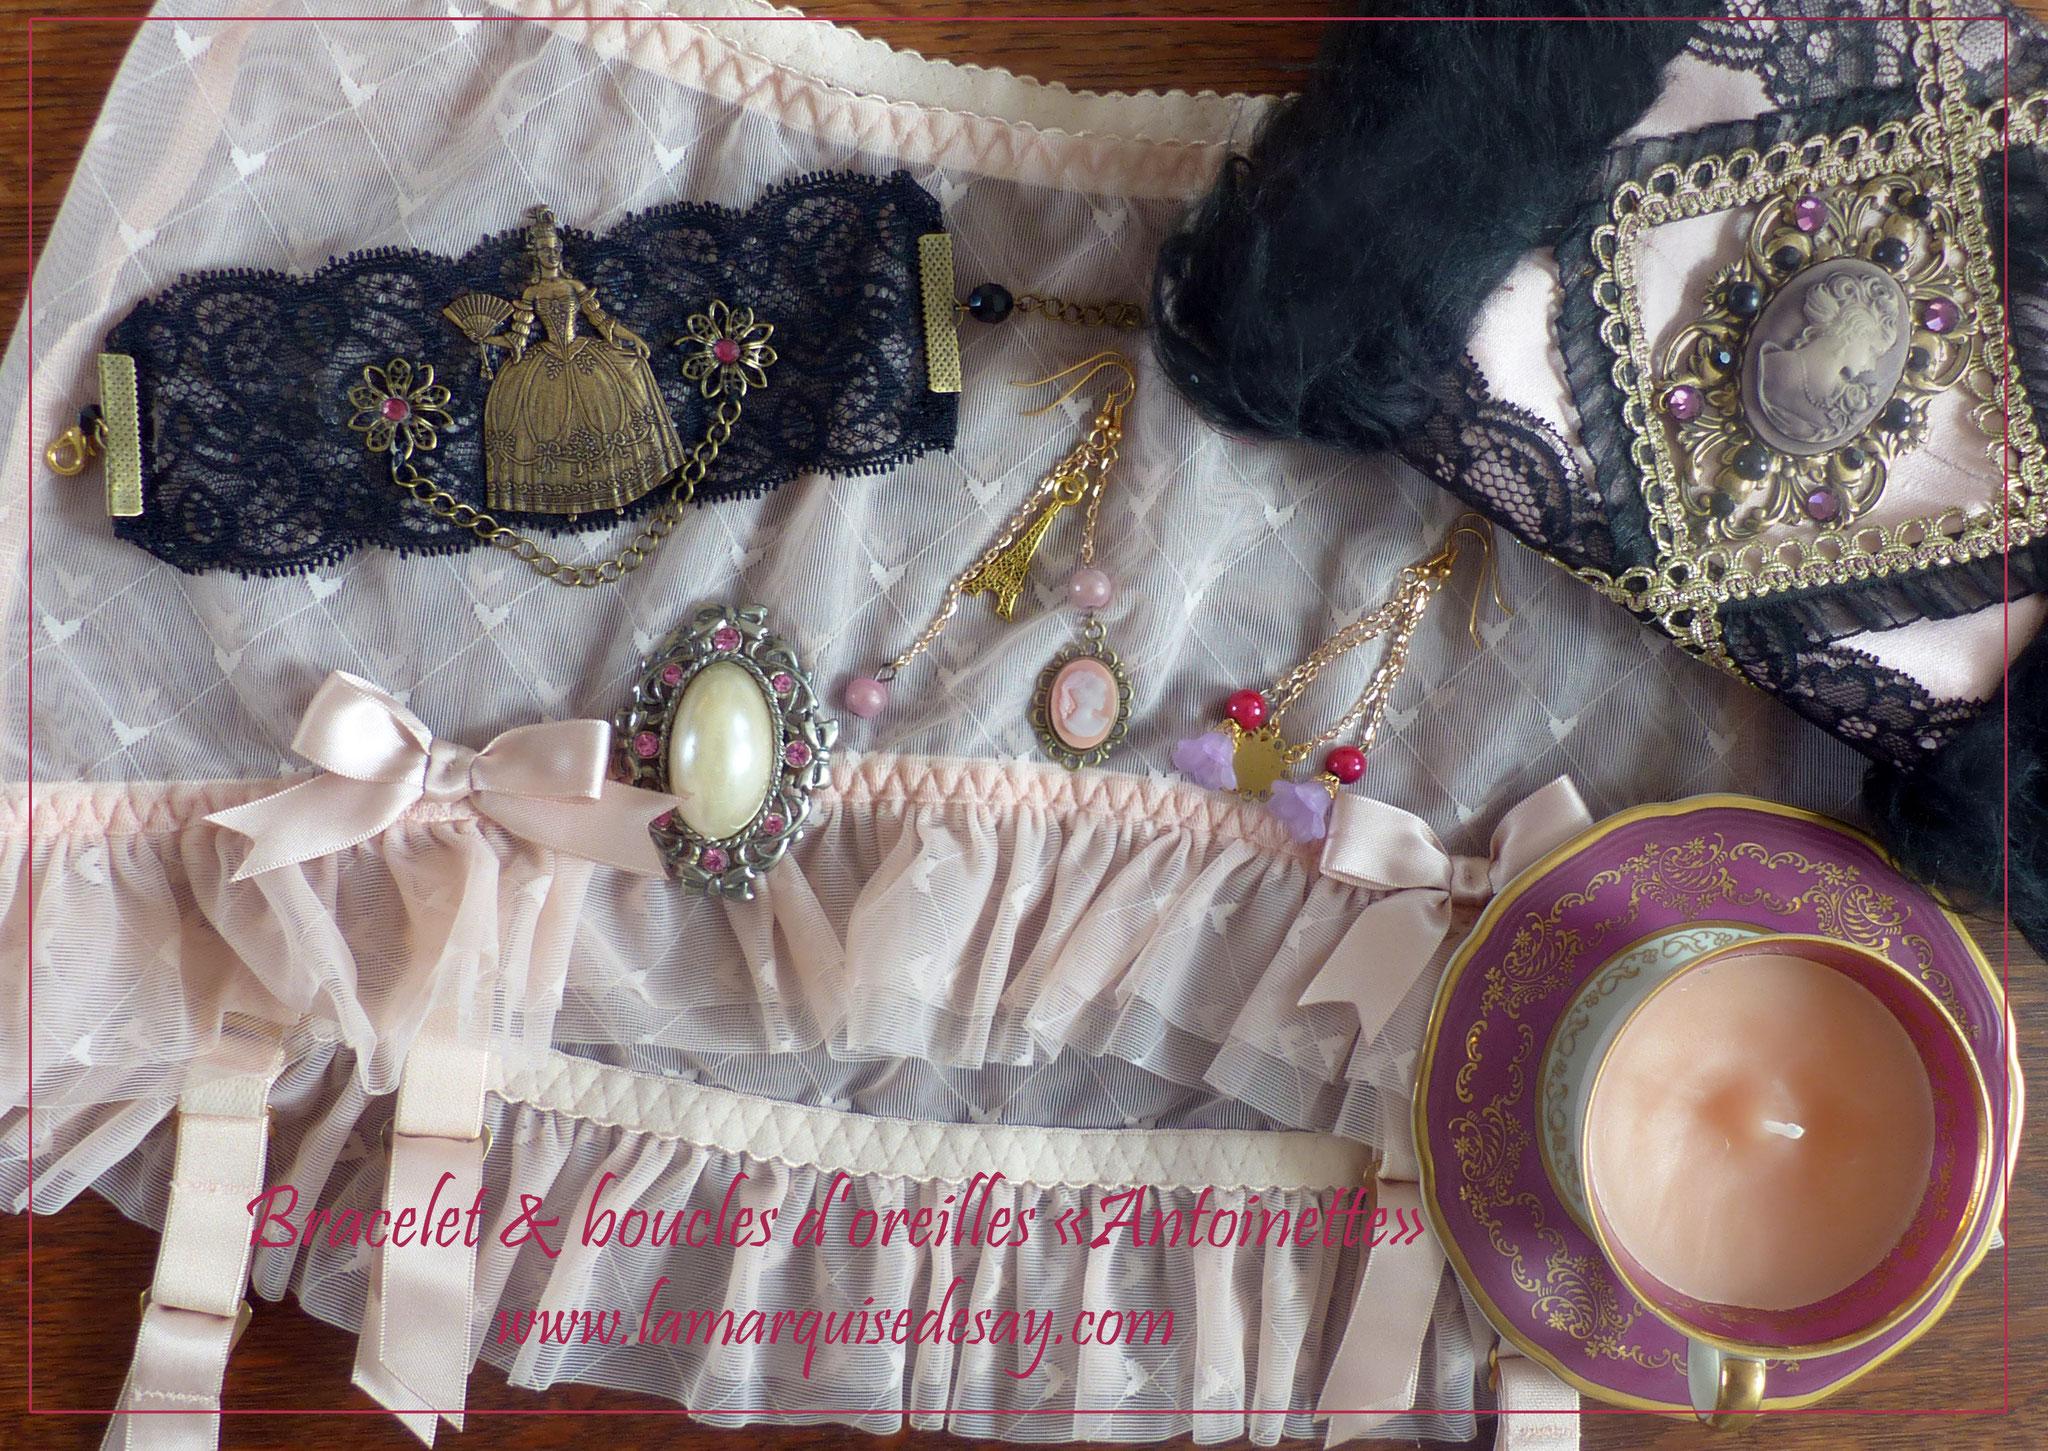 Bracelet et boucles d'oreilles Antoinette, style Victorien (EN VENTE)